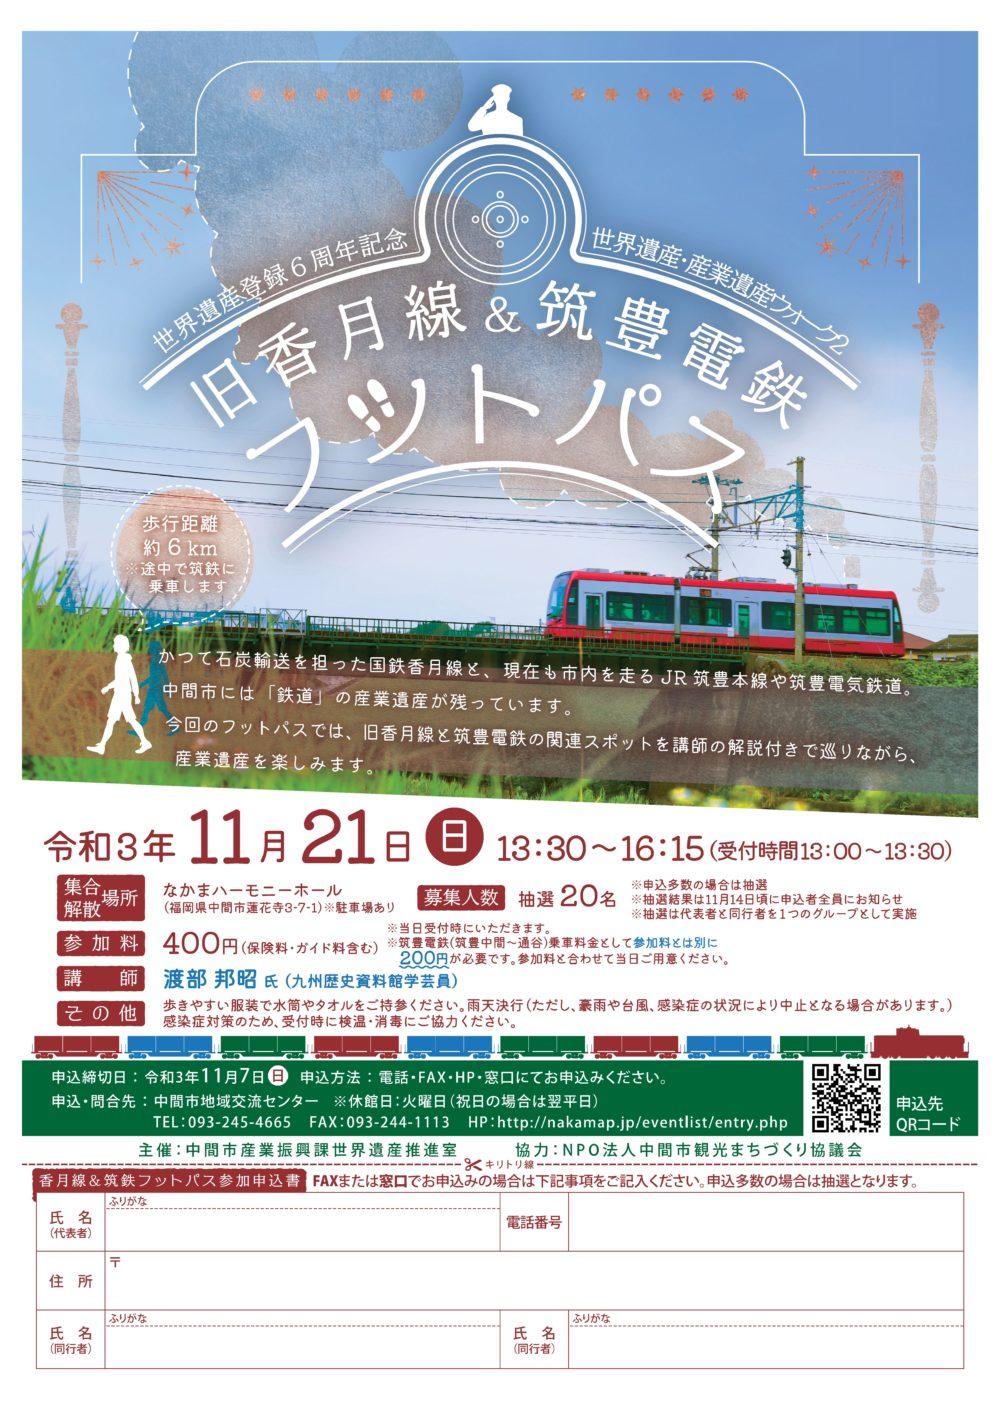 「旧香月線&筑豊電鉄フットパス」開催のお知らせ👣...